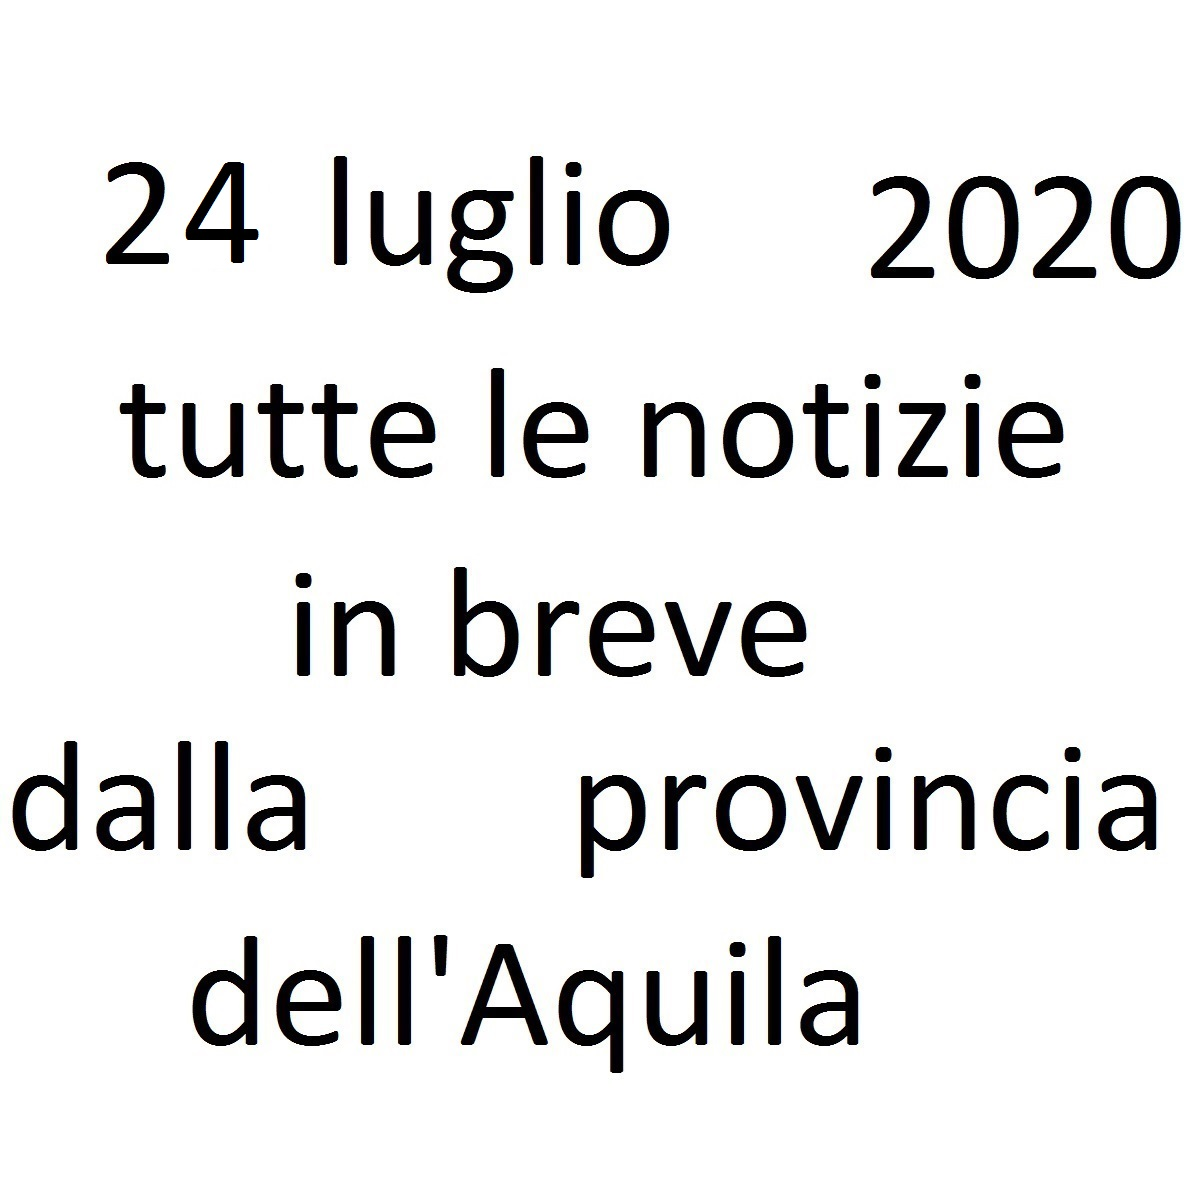 24 luglio 2020 notizie in breve dalla Provincia dell'Aquila foto